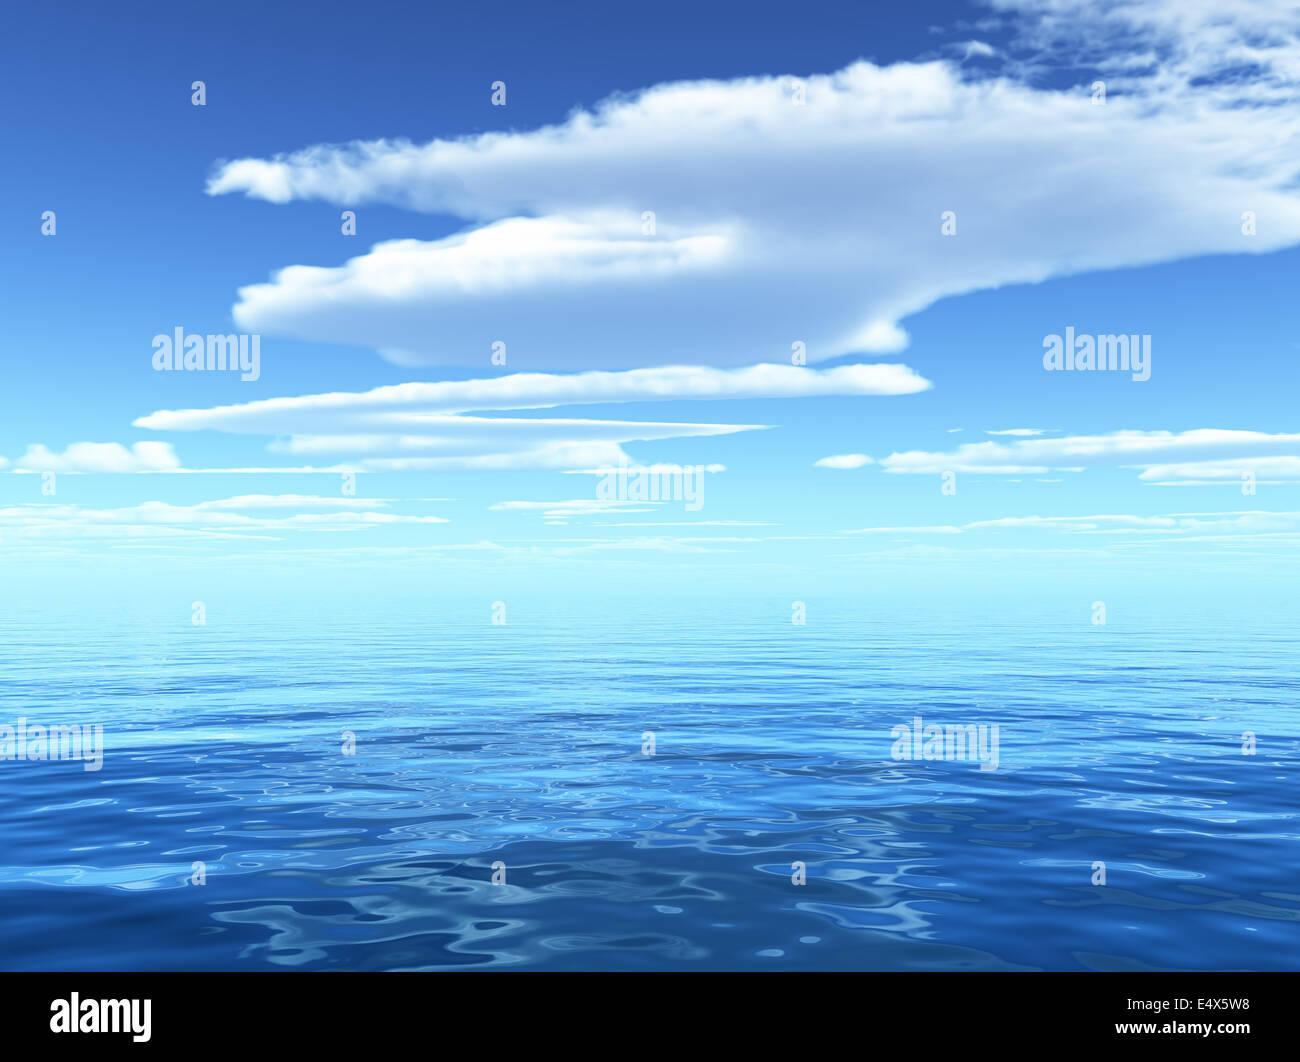 Ciel nuageux Ciel bleu laissant pour horizon Photo Stock